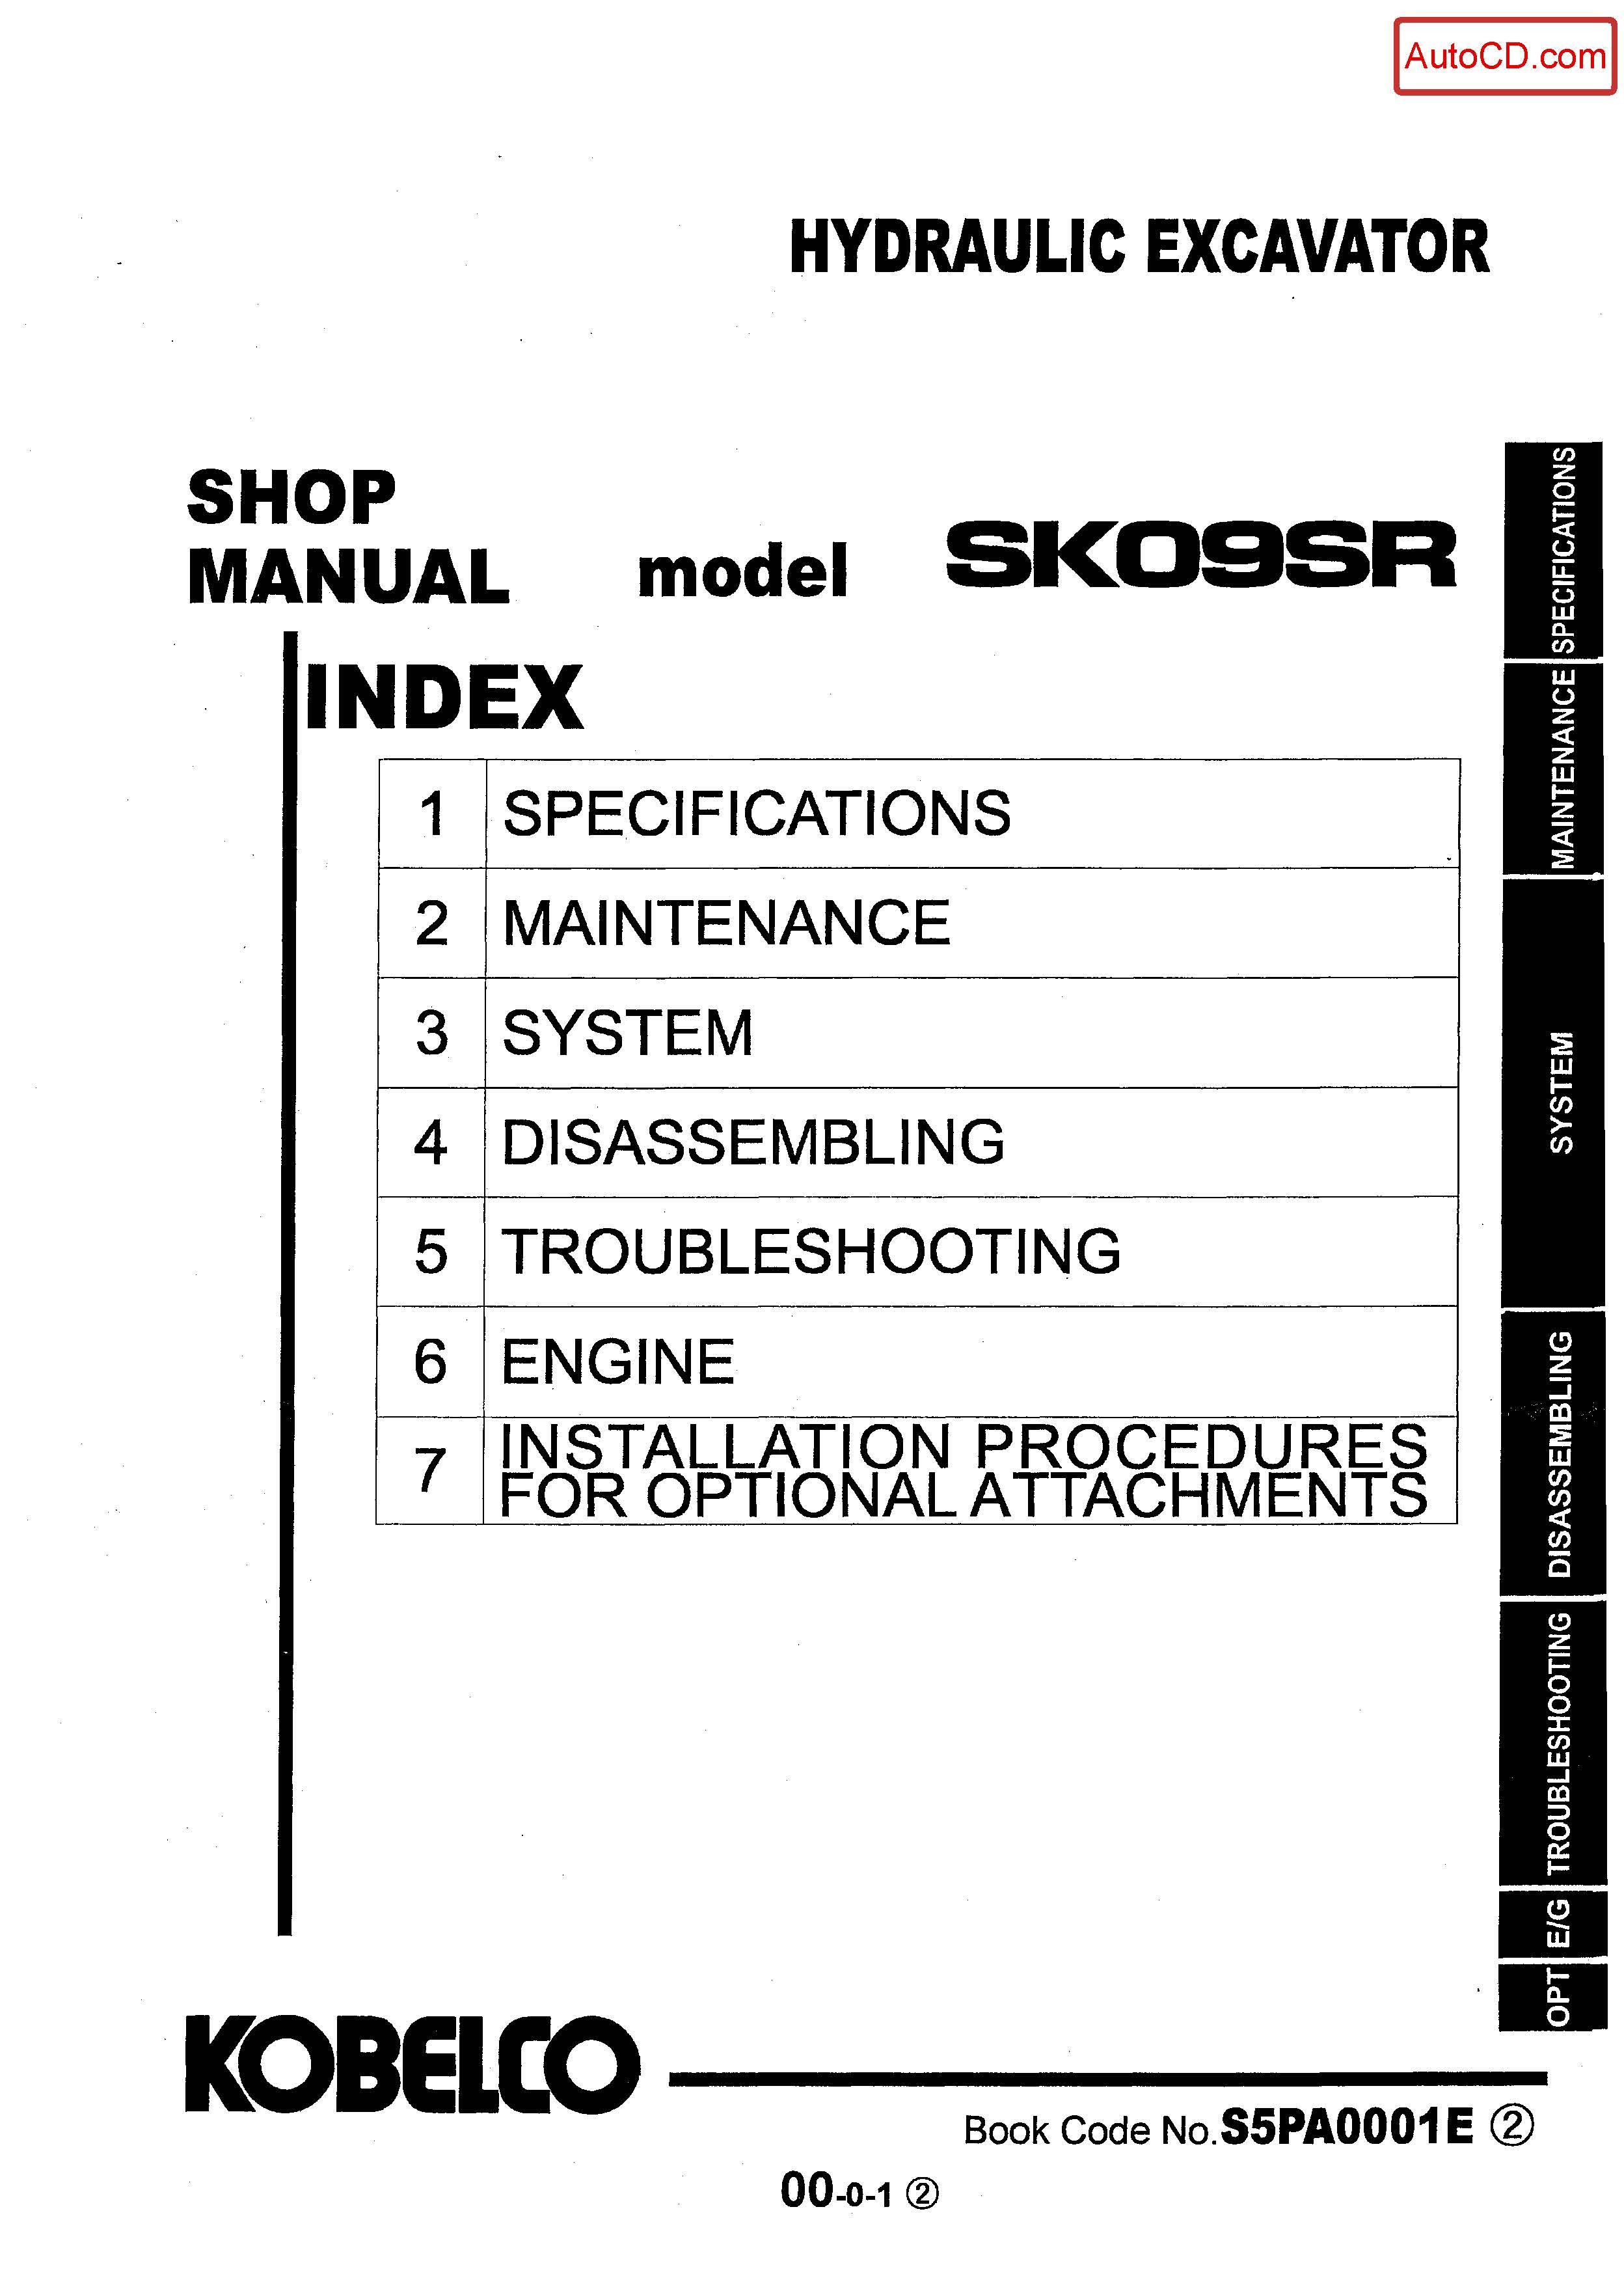 หนังสือ คู่มือซ่อม Kobelco Hydraulic Excavator SK09SR (ข้อมูลทั่วไป ค่าสเปคต่างๆ วงจรไฟฟ้า วงจรไฮดรอลิกส์)